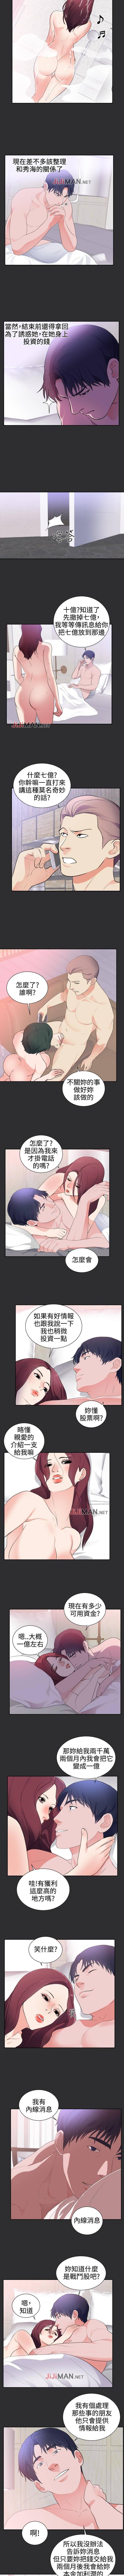 【已完结】性癖好(作者:主寧 & 洗髮精) 第1~30话 103